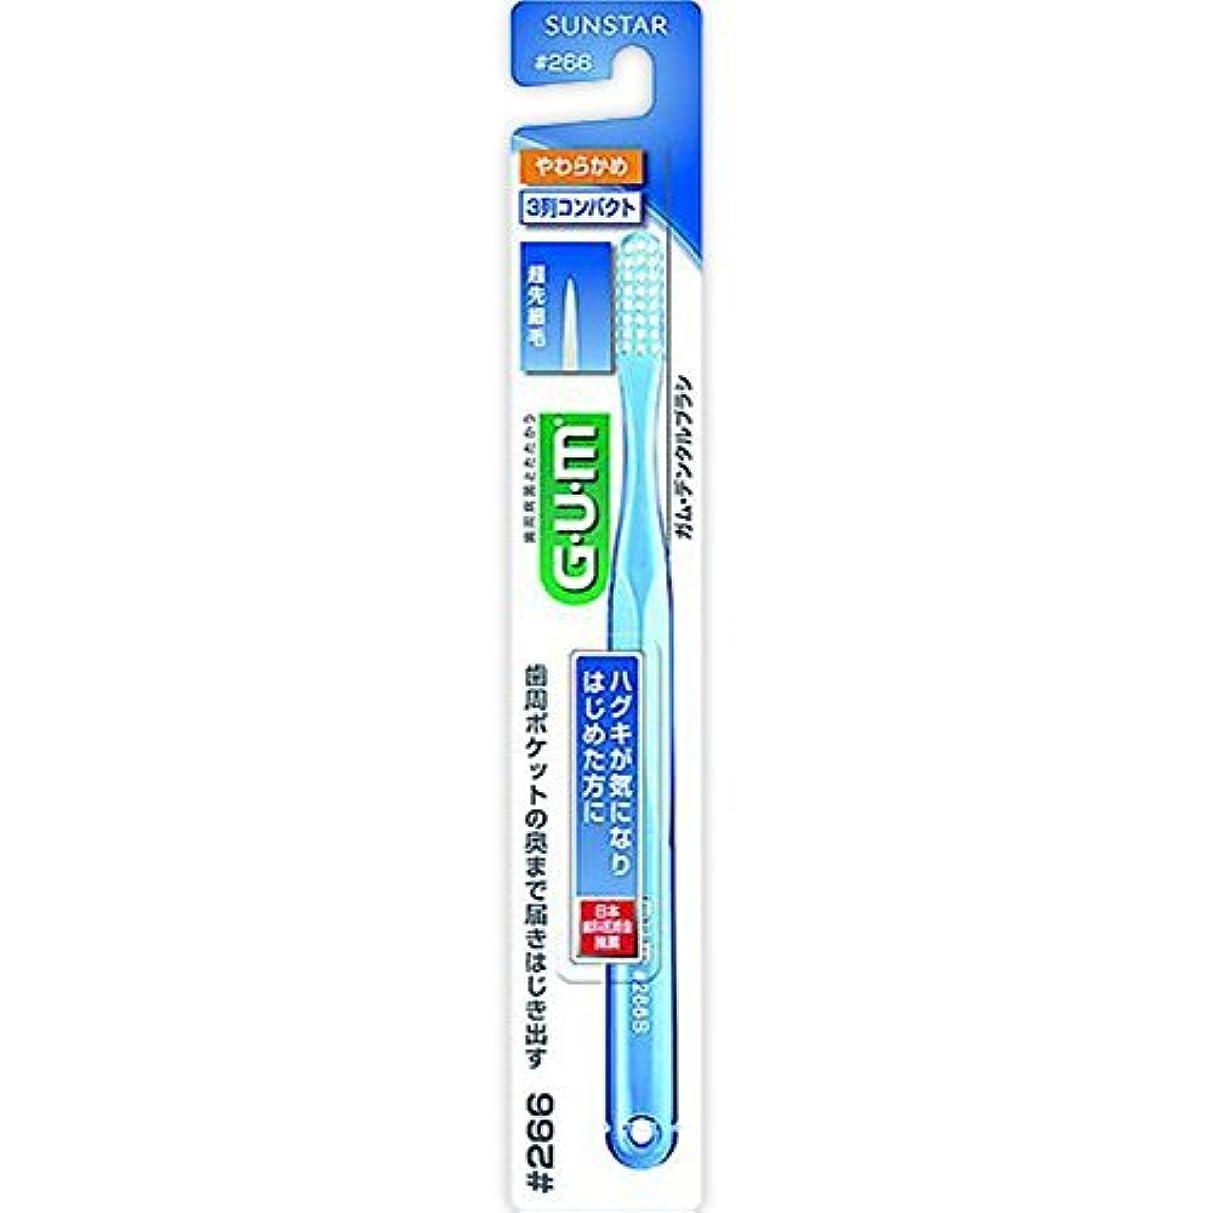 思われる長方形発明【まとめ買い】GUM デンタルブラシ コンパクトヘッド ウルトラソフト #266 ×2セット